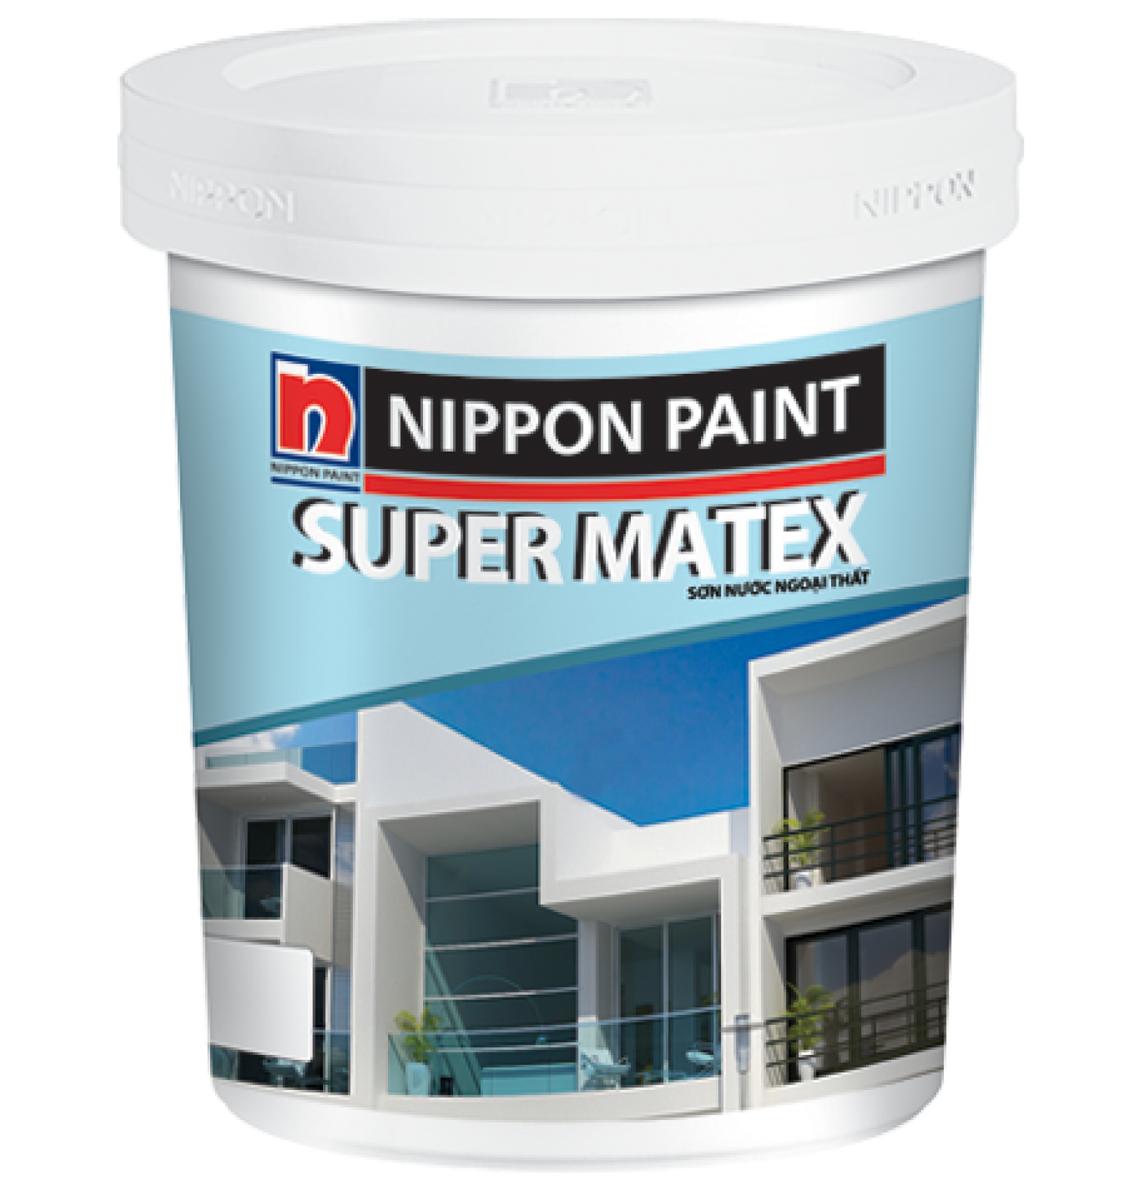 Image result for sơn nippon super matex